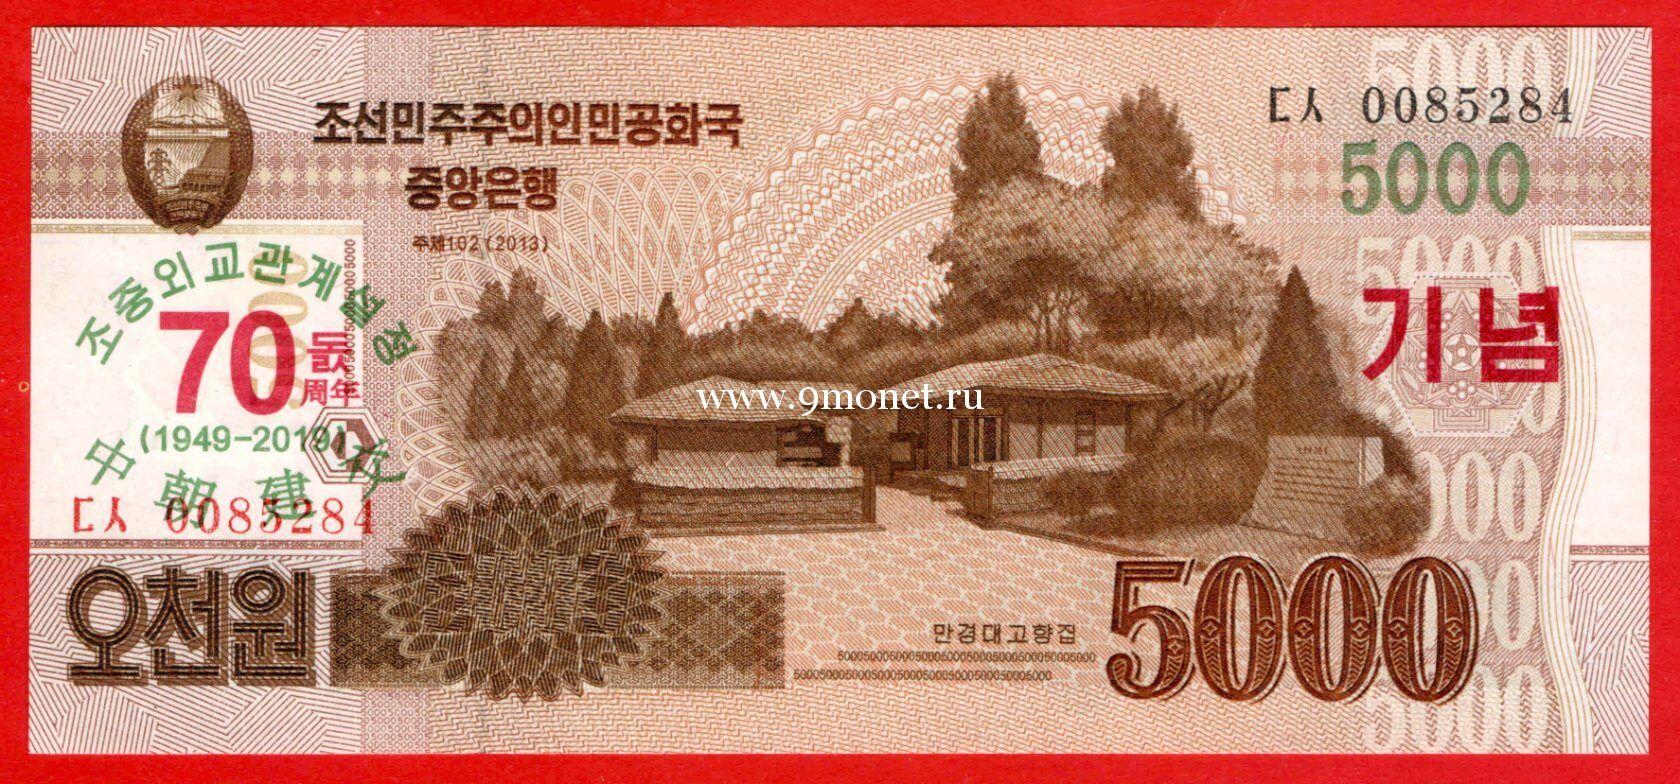 Корея Северная 5000 вон 2019 года 70 лет дипломатическим отношениям между КНР и КНДР.